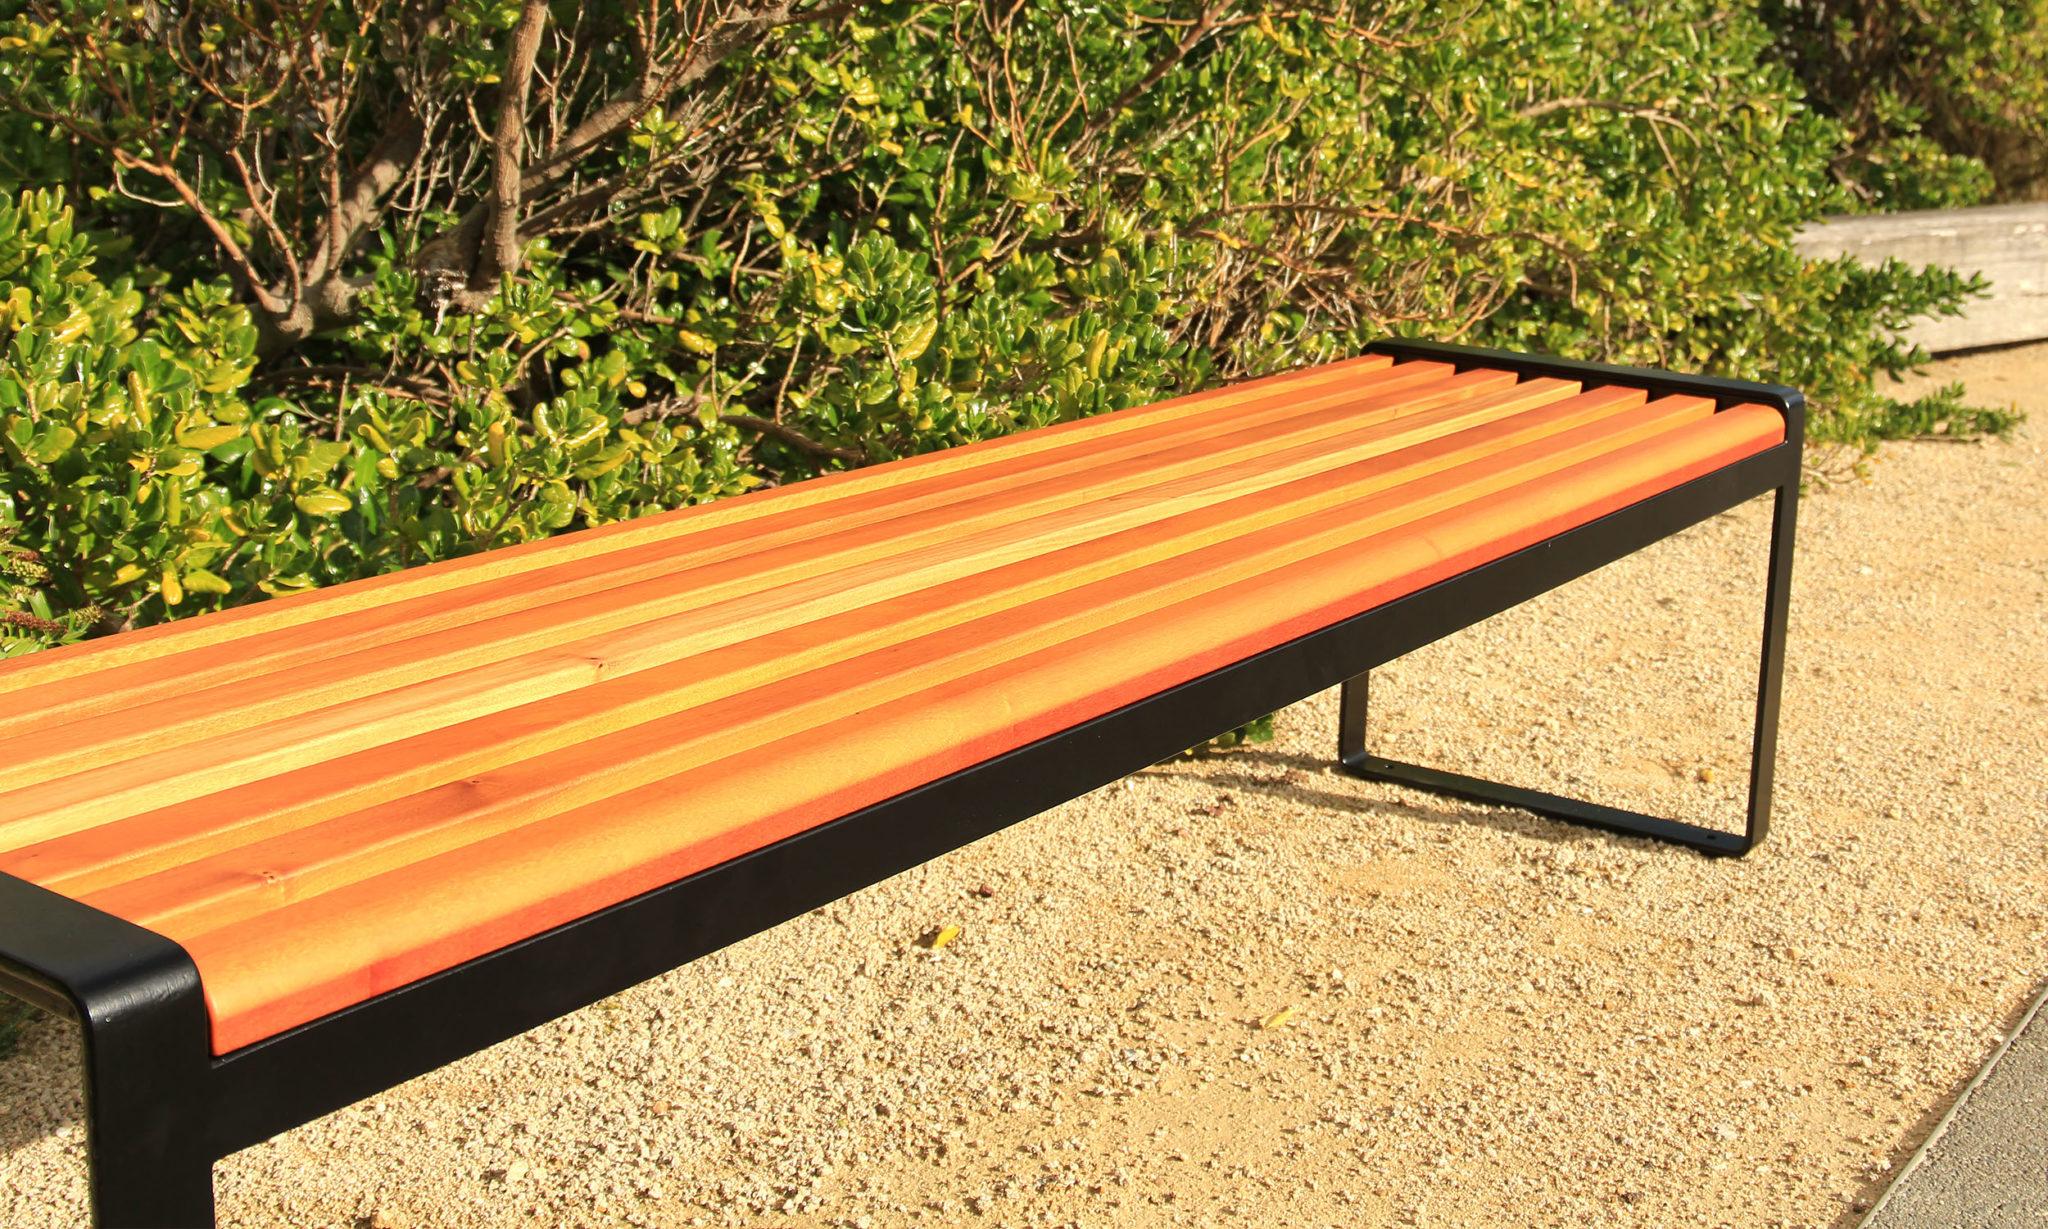 Omos s22 Bench 03